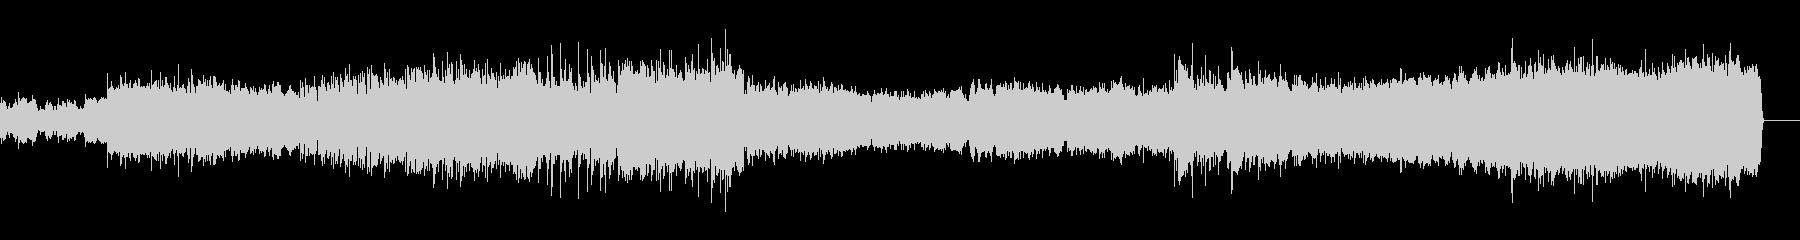 吹奏楽のための第一組曲より第一楽章の未再生の波形